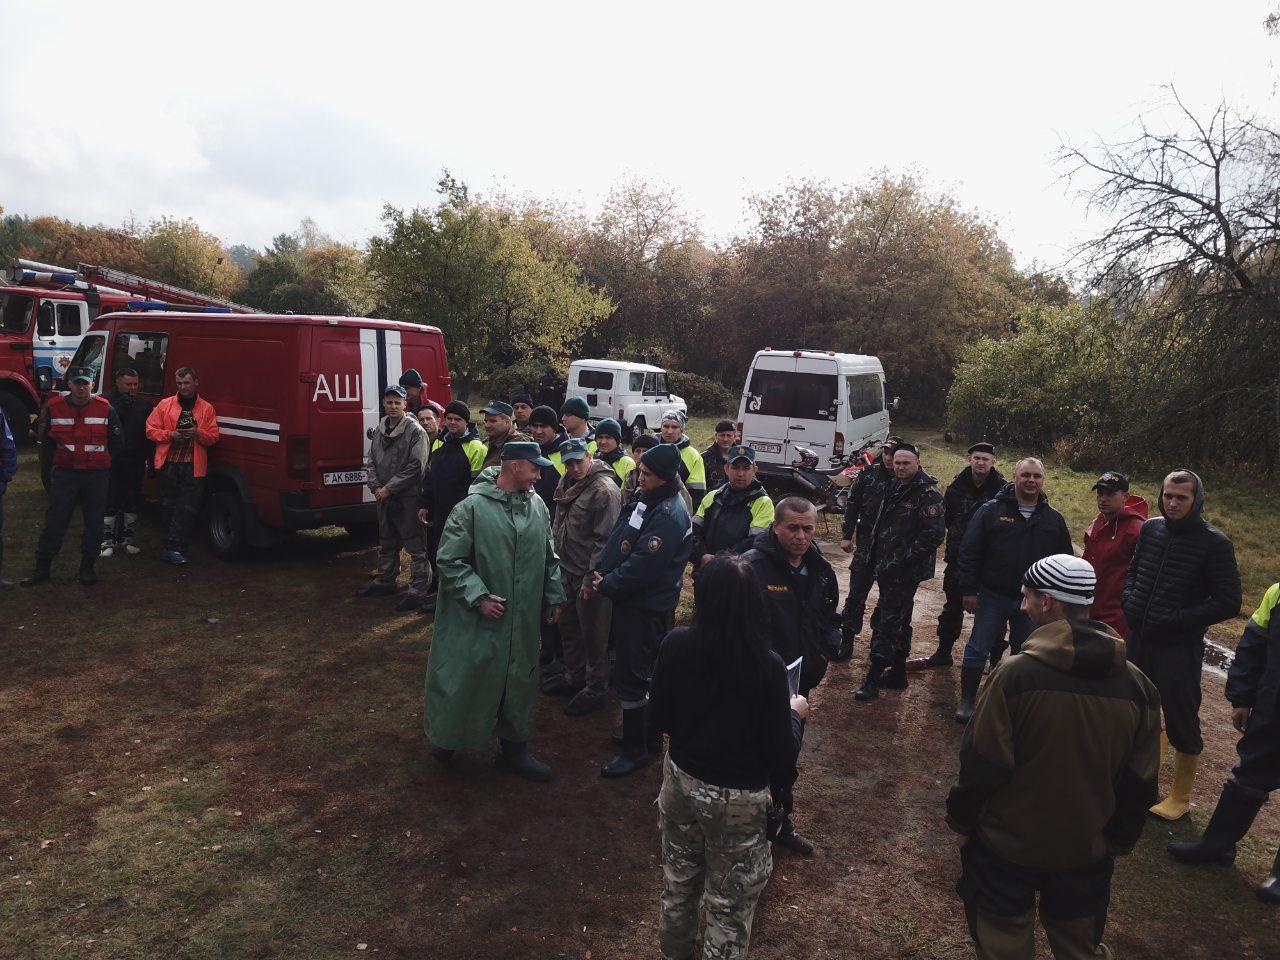 Фото: Группа поисково-спасательного отряда «Ангел» в «ВК»